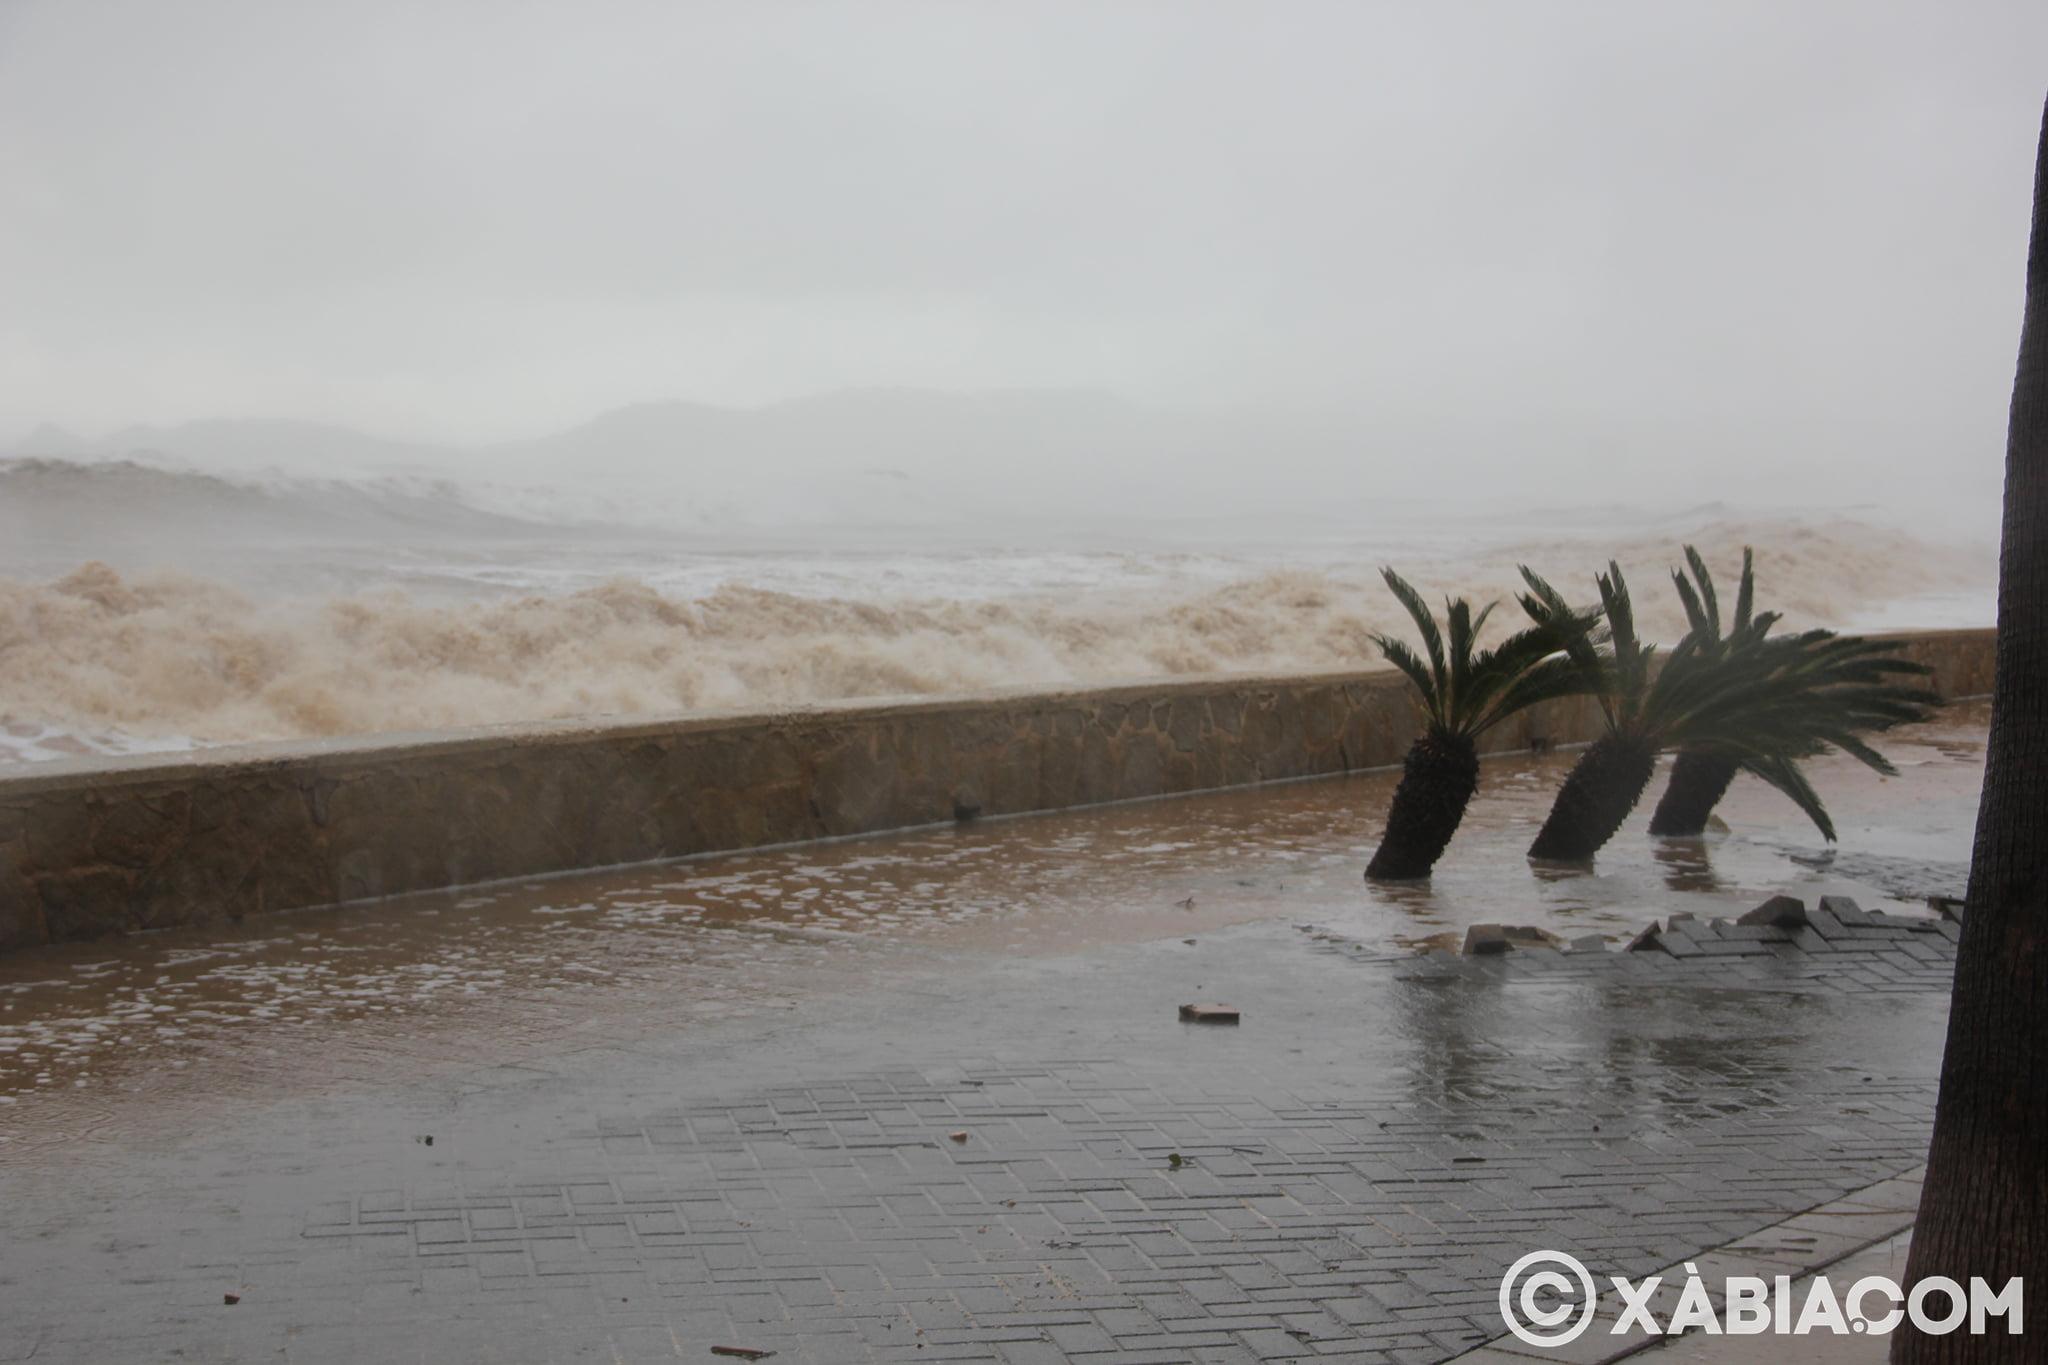 Brandelli di pioggia, vento e mare in Xàbia (54)